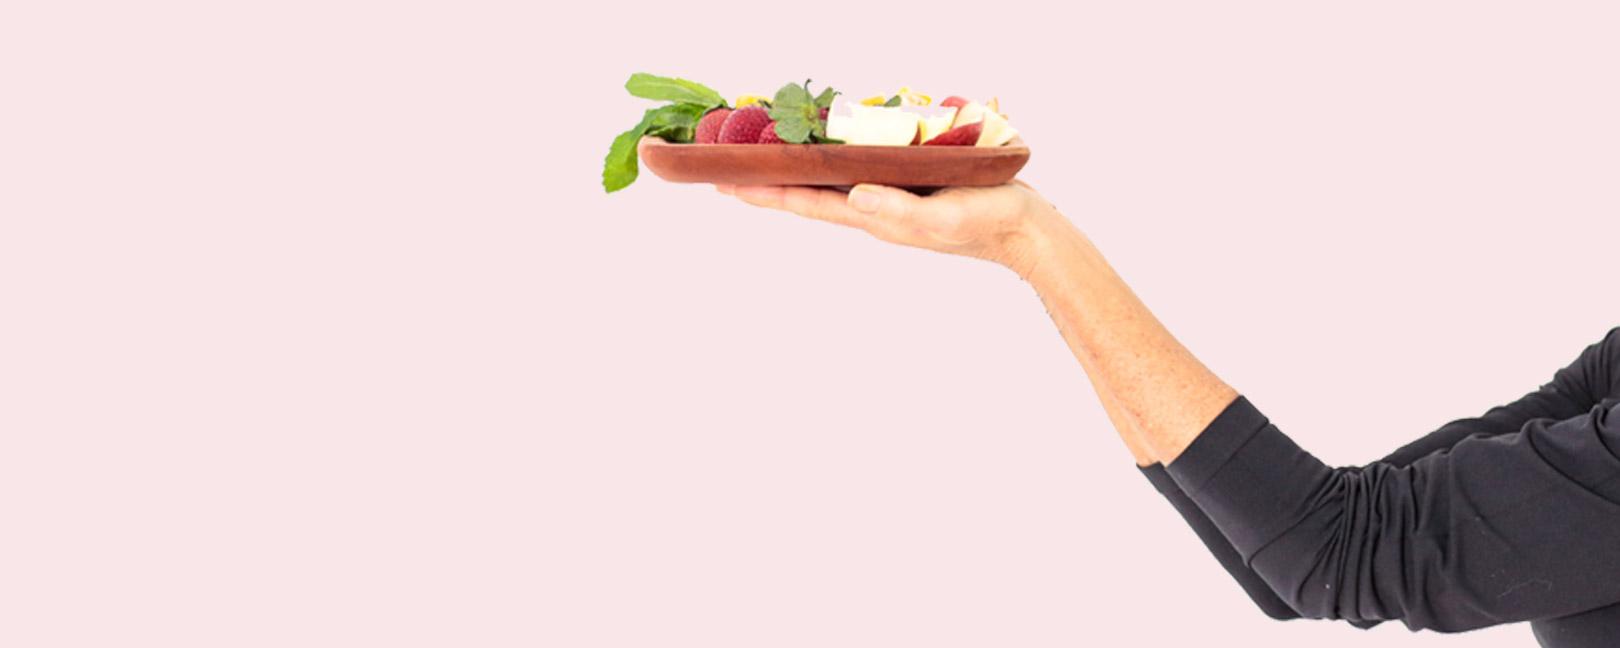 Claudia_Matles_Yoga_Pilates_Nutrition_Hamptons_13.jpg